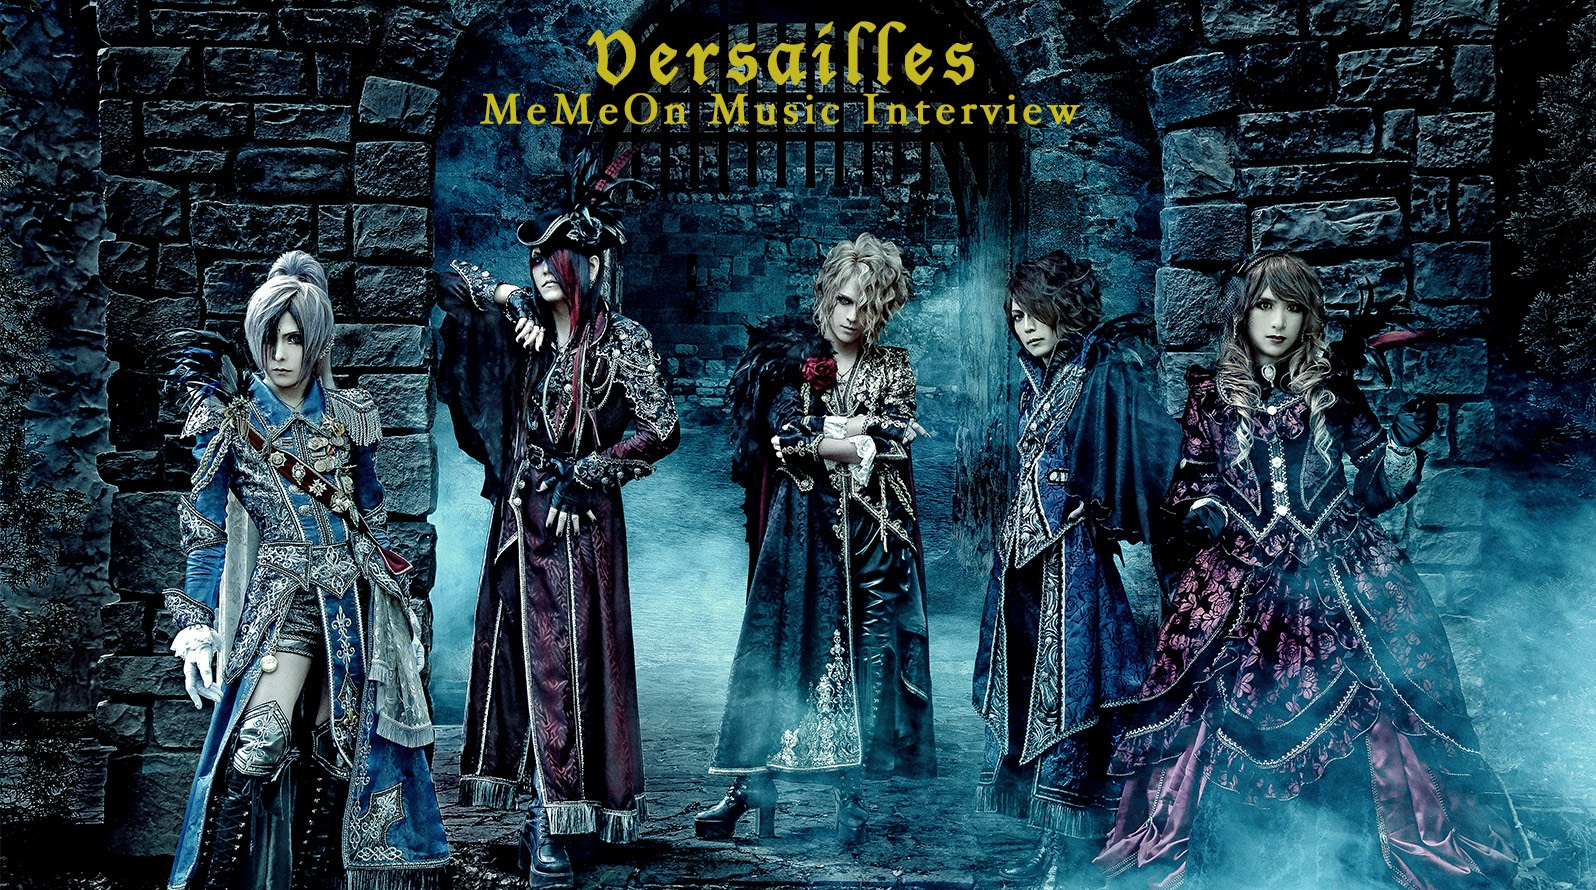 活動休止しない!Versailles全員インタビュー(1)